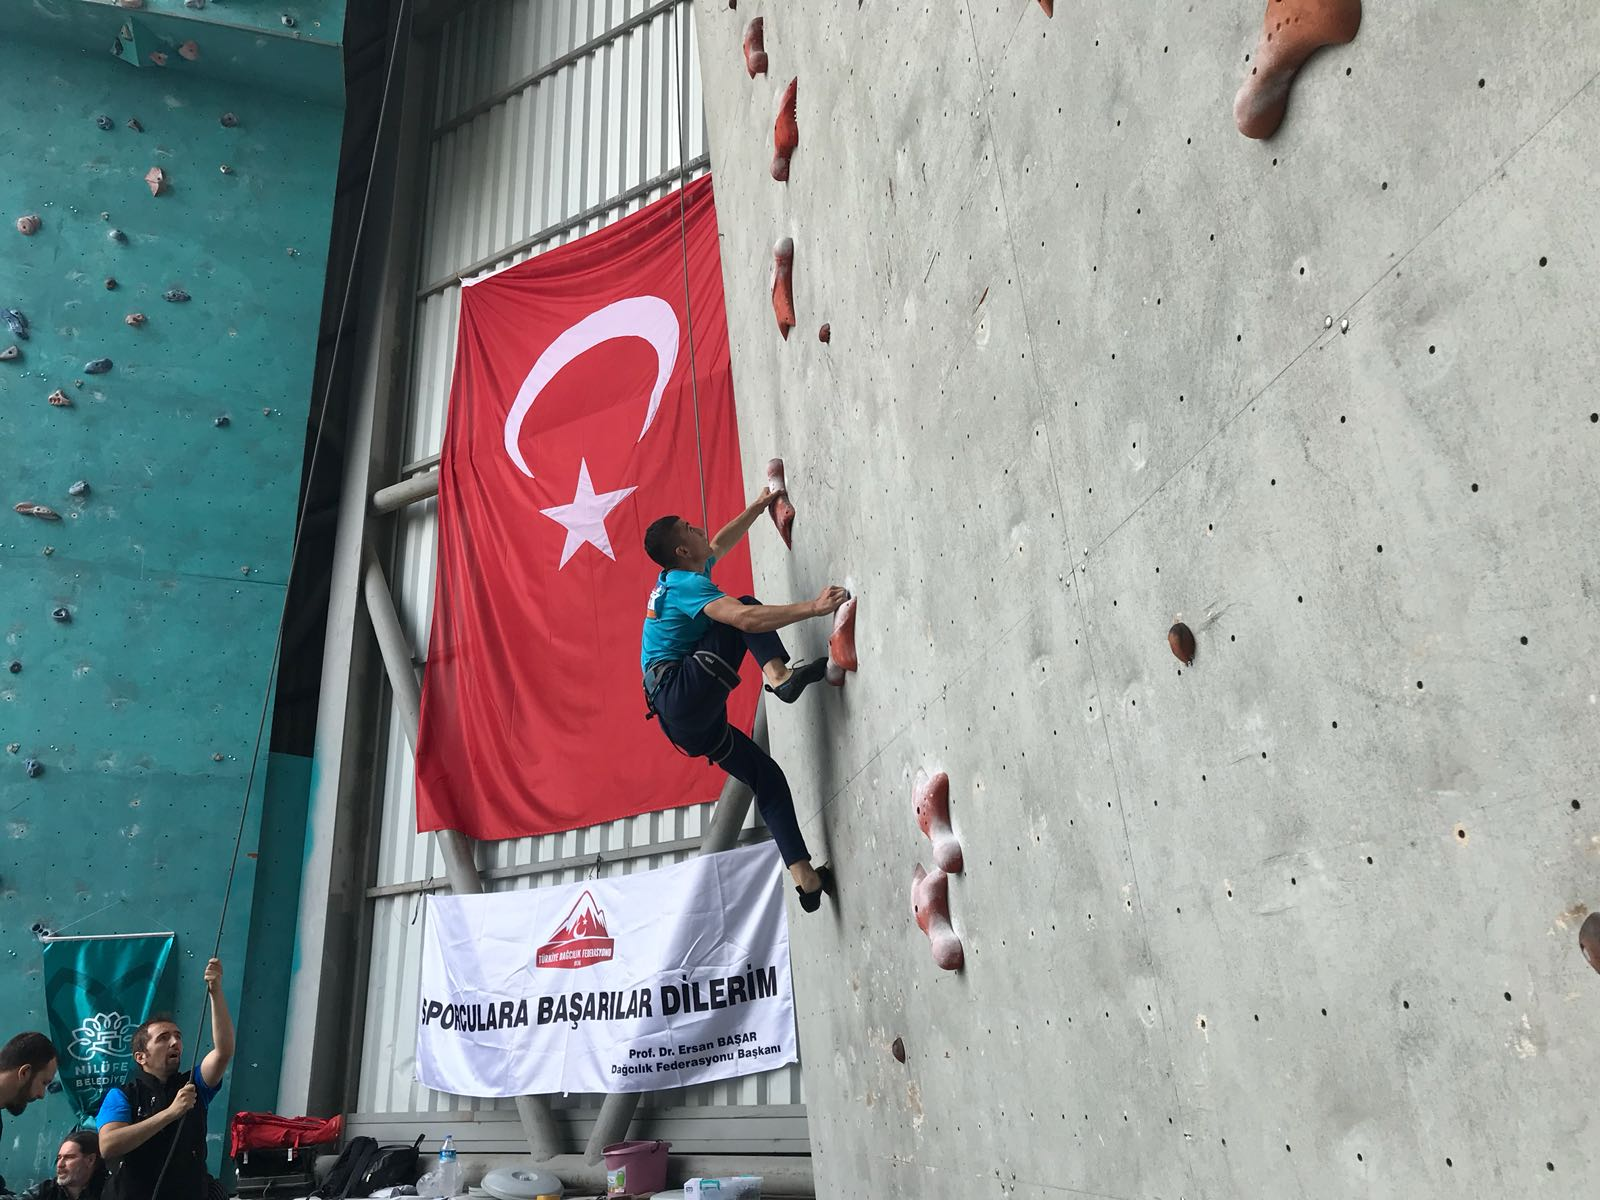 Spor Tırmanış Minikler Milli Takım Hazırlık ve Seçme Kampı - Malatya